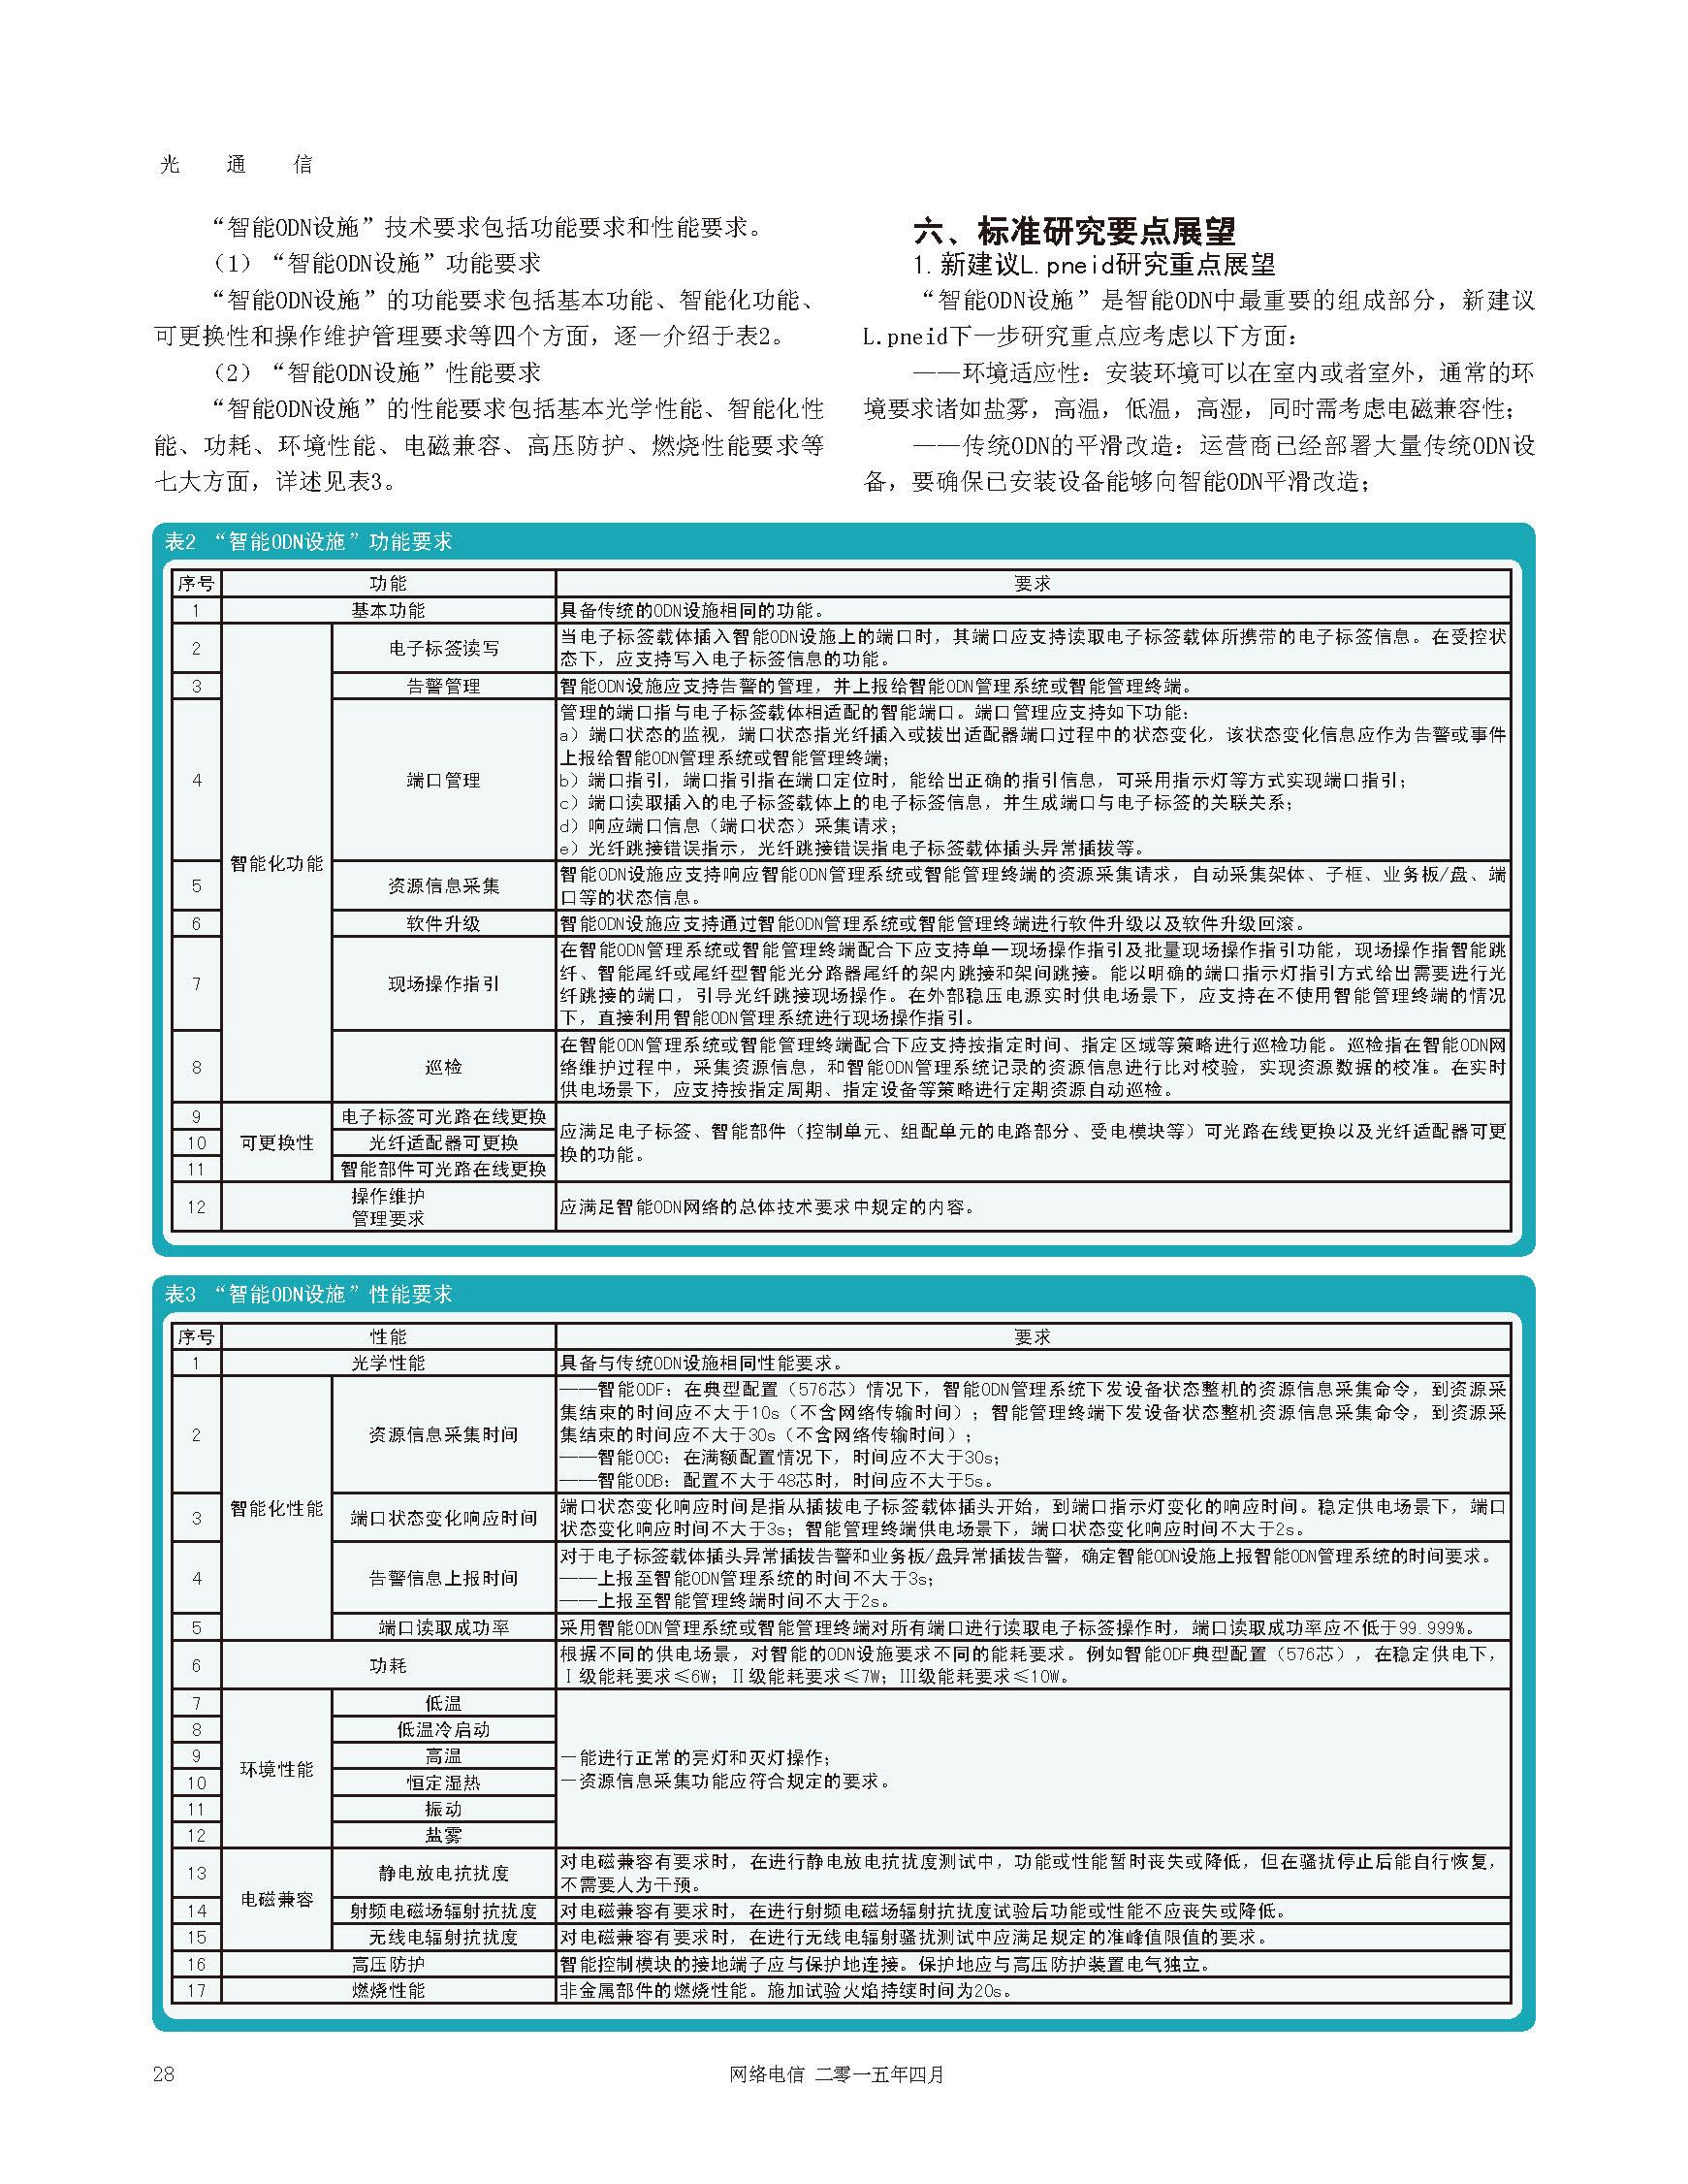 电信2015-04_页面_28.jpg